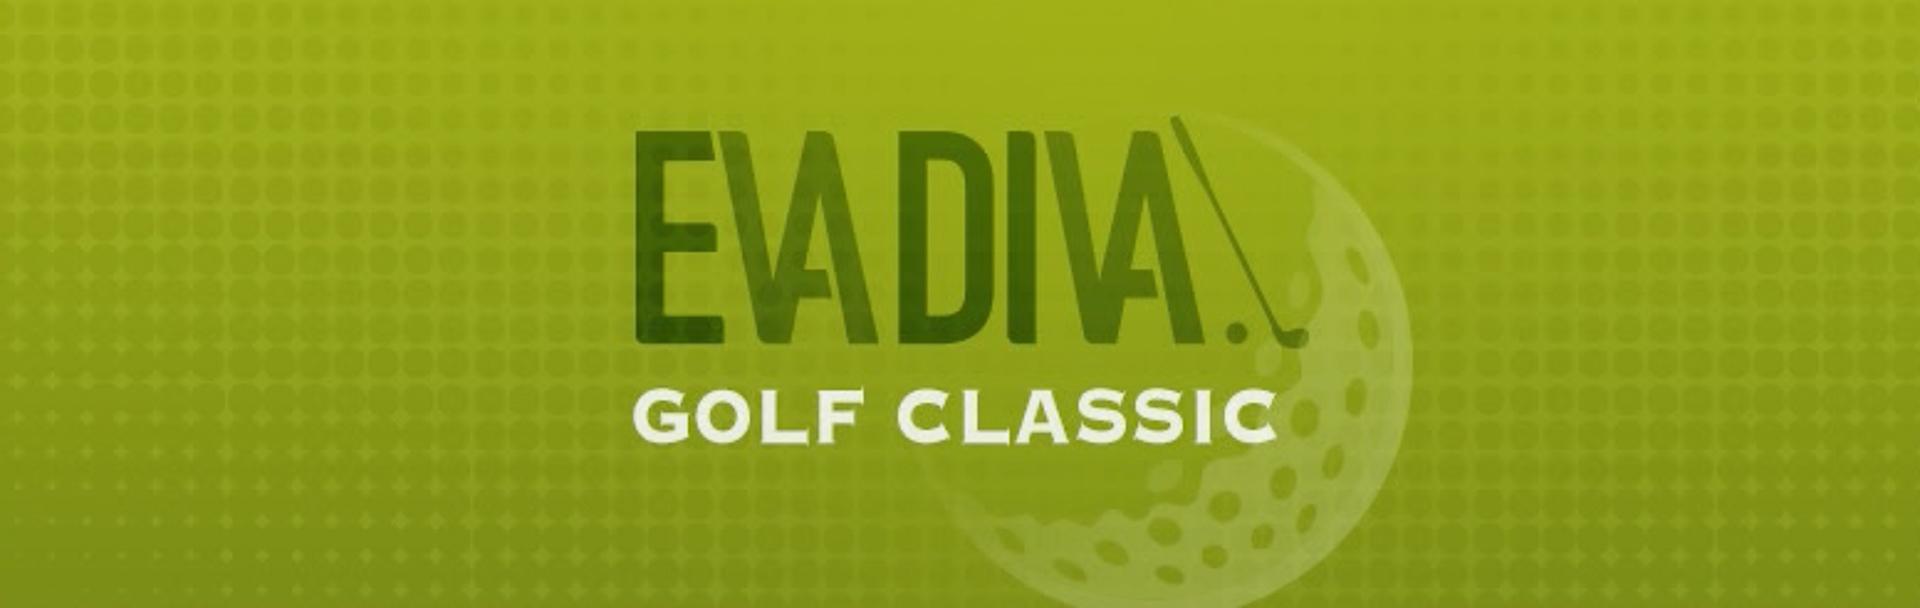 Eva diva golf classic.jpg